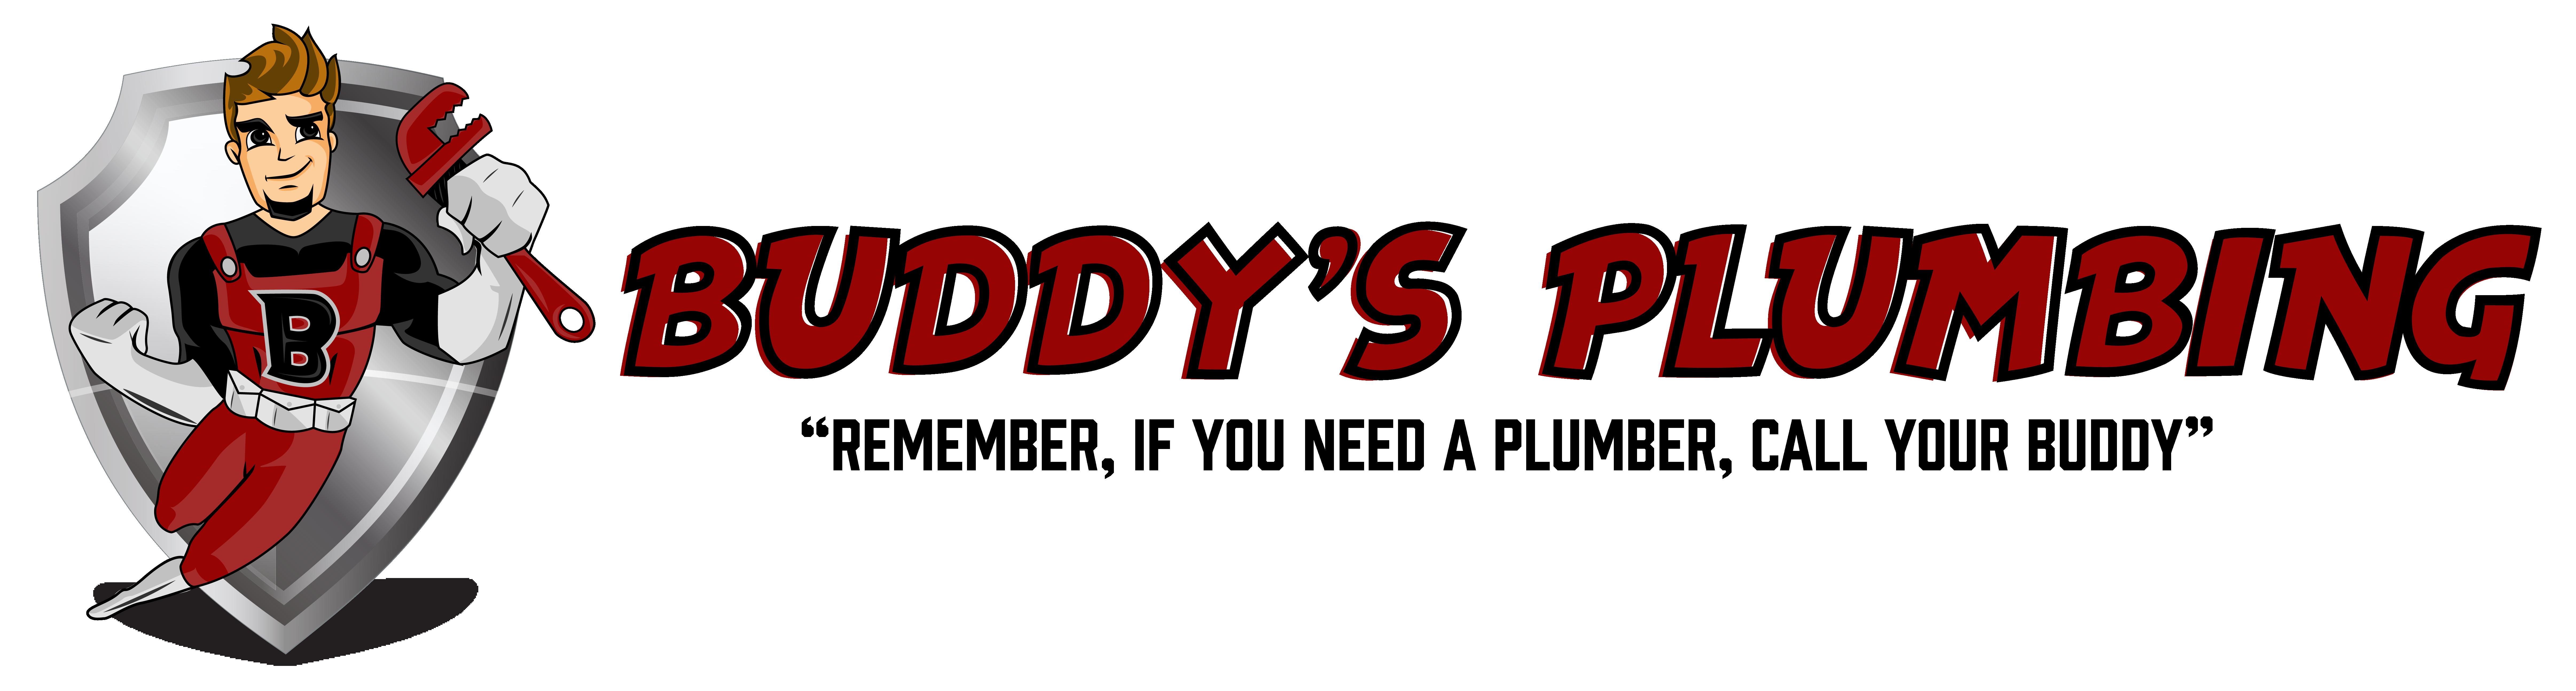 Buddy's Plumbing